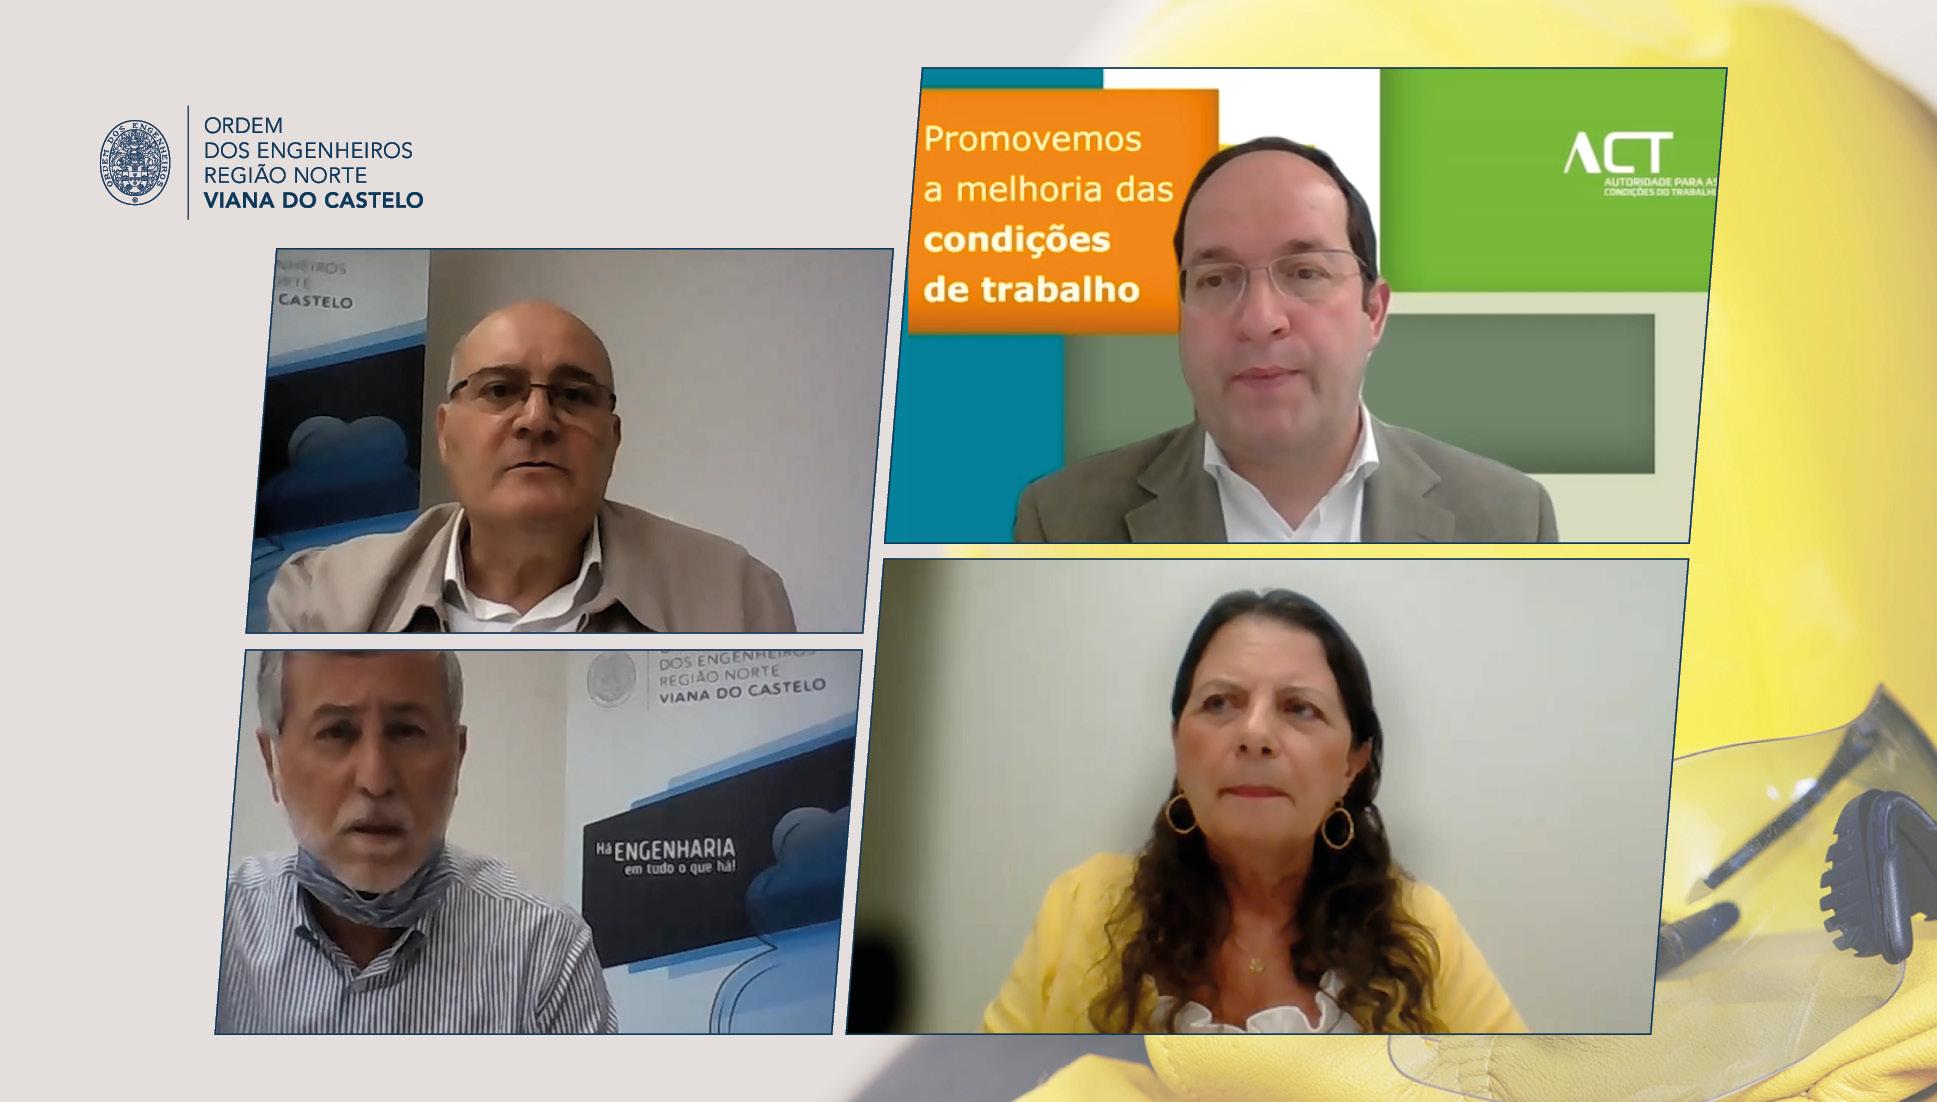 Plataforma Notícias Ordem Engenheiros Região Norte - Segurança e Saúde no Trabalho debatida em sessão organizada pela D.D. Viana do Castelo